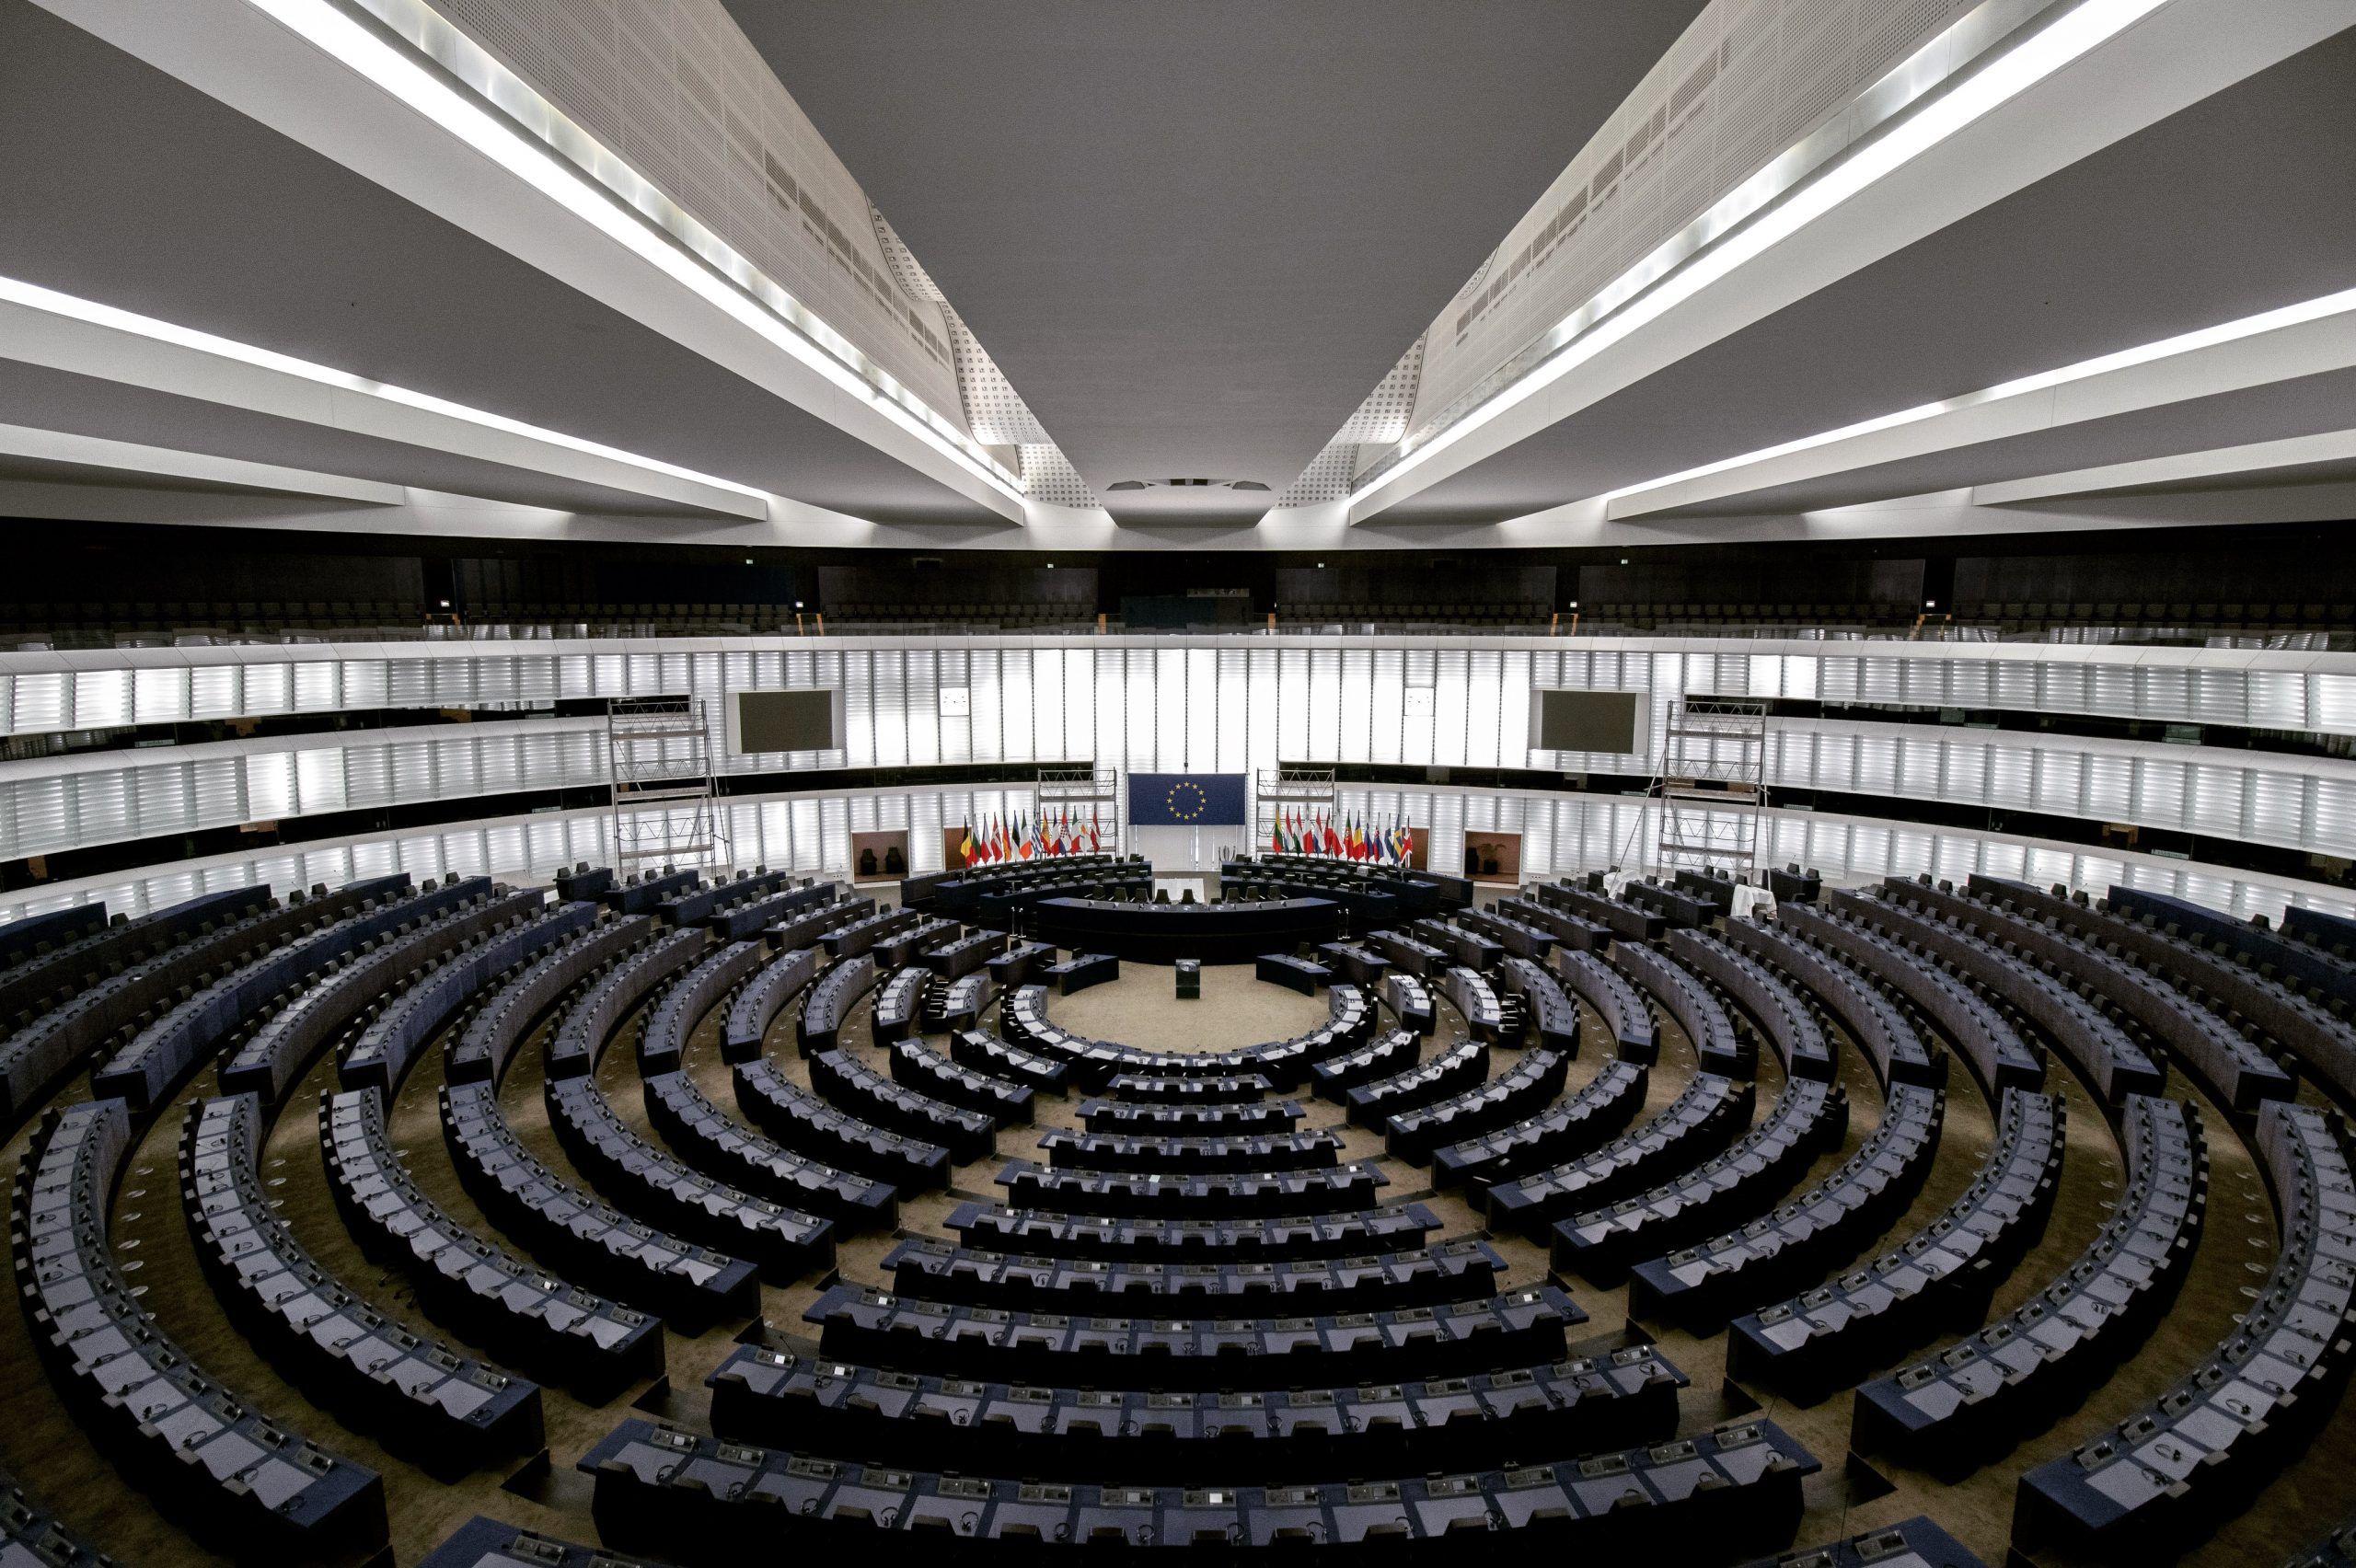 Década Digital da Europa. Comissão Europeia traça caminho para Europa proficiente no domínio digital até 2030